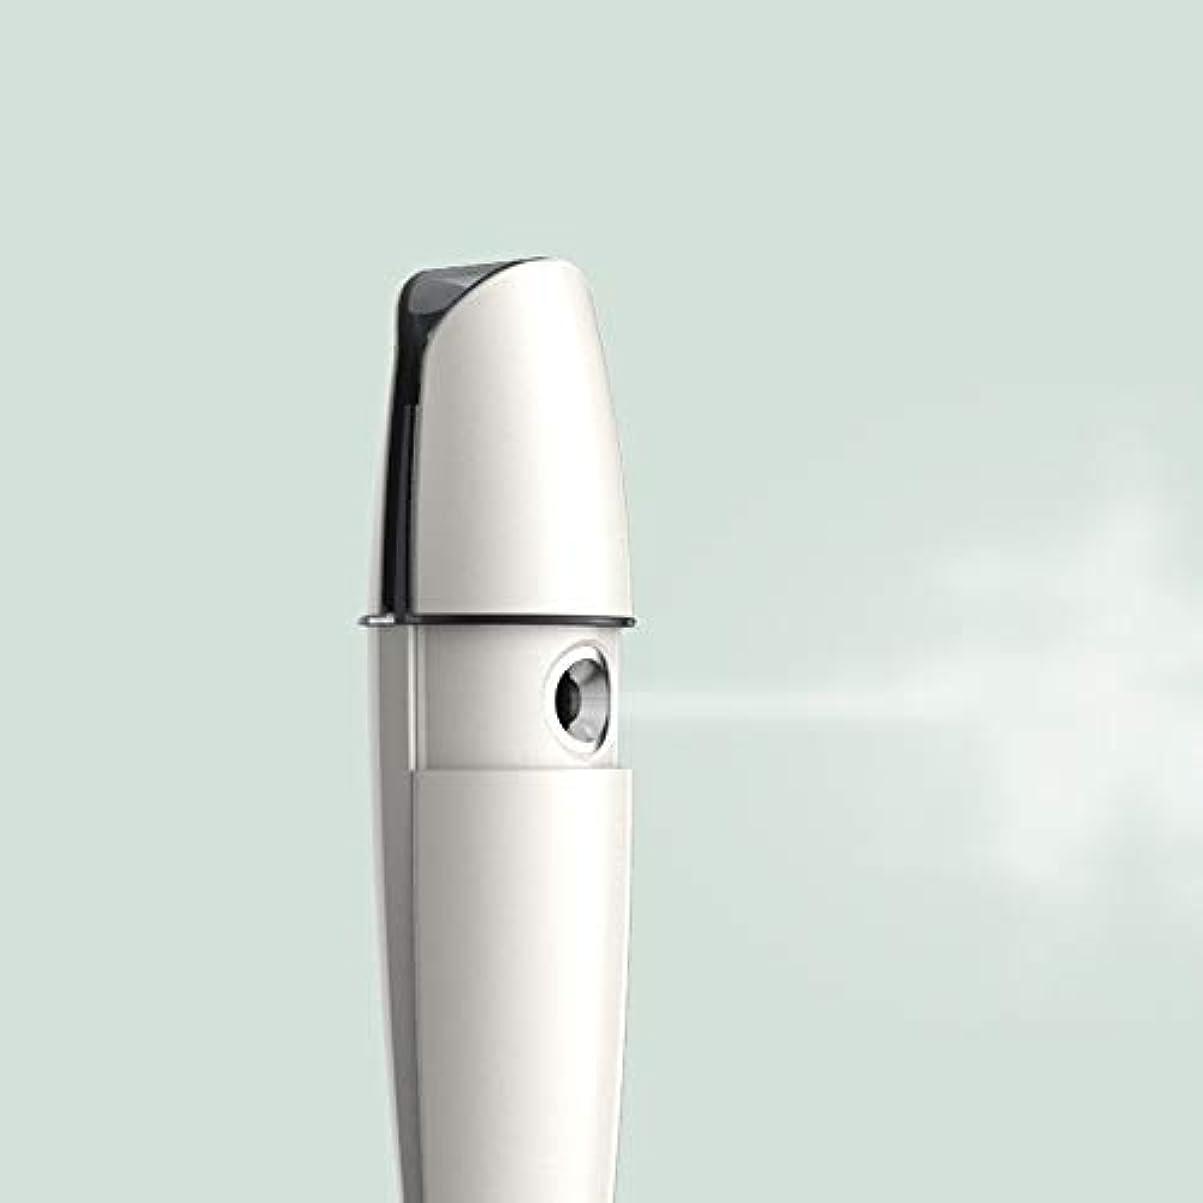 ジェーンオースティン幸福マットレスZXF 充電式コールドスプレー機家庭用スチームフェイス美容機器ナノスプレーフェイス加湿水道メーターホワイトABS素材 滑らかである